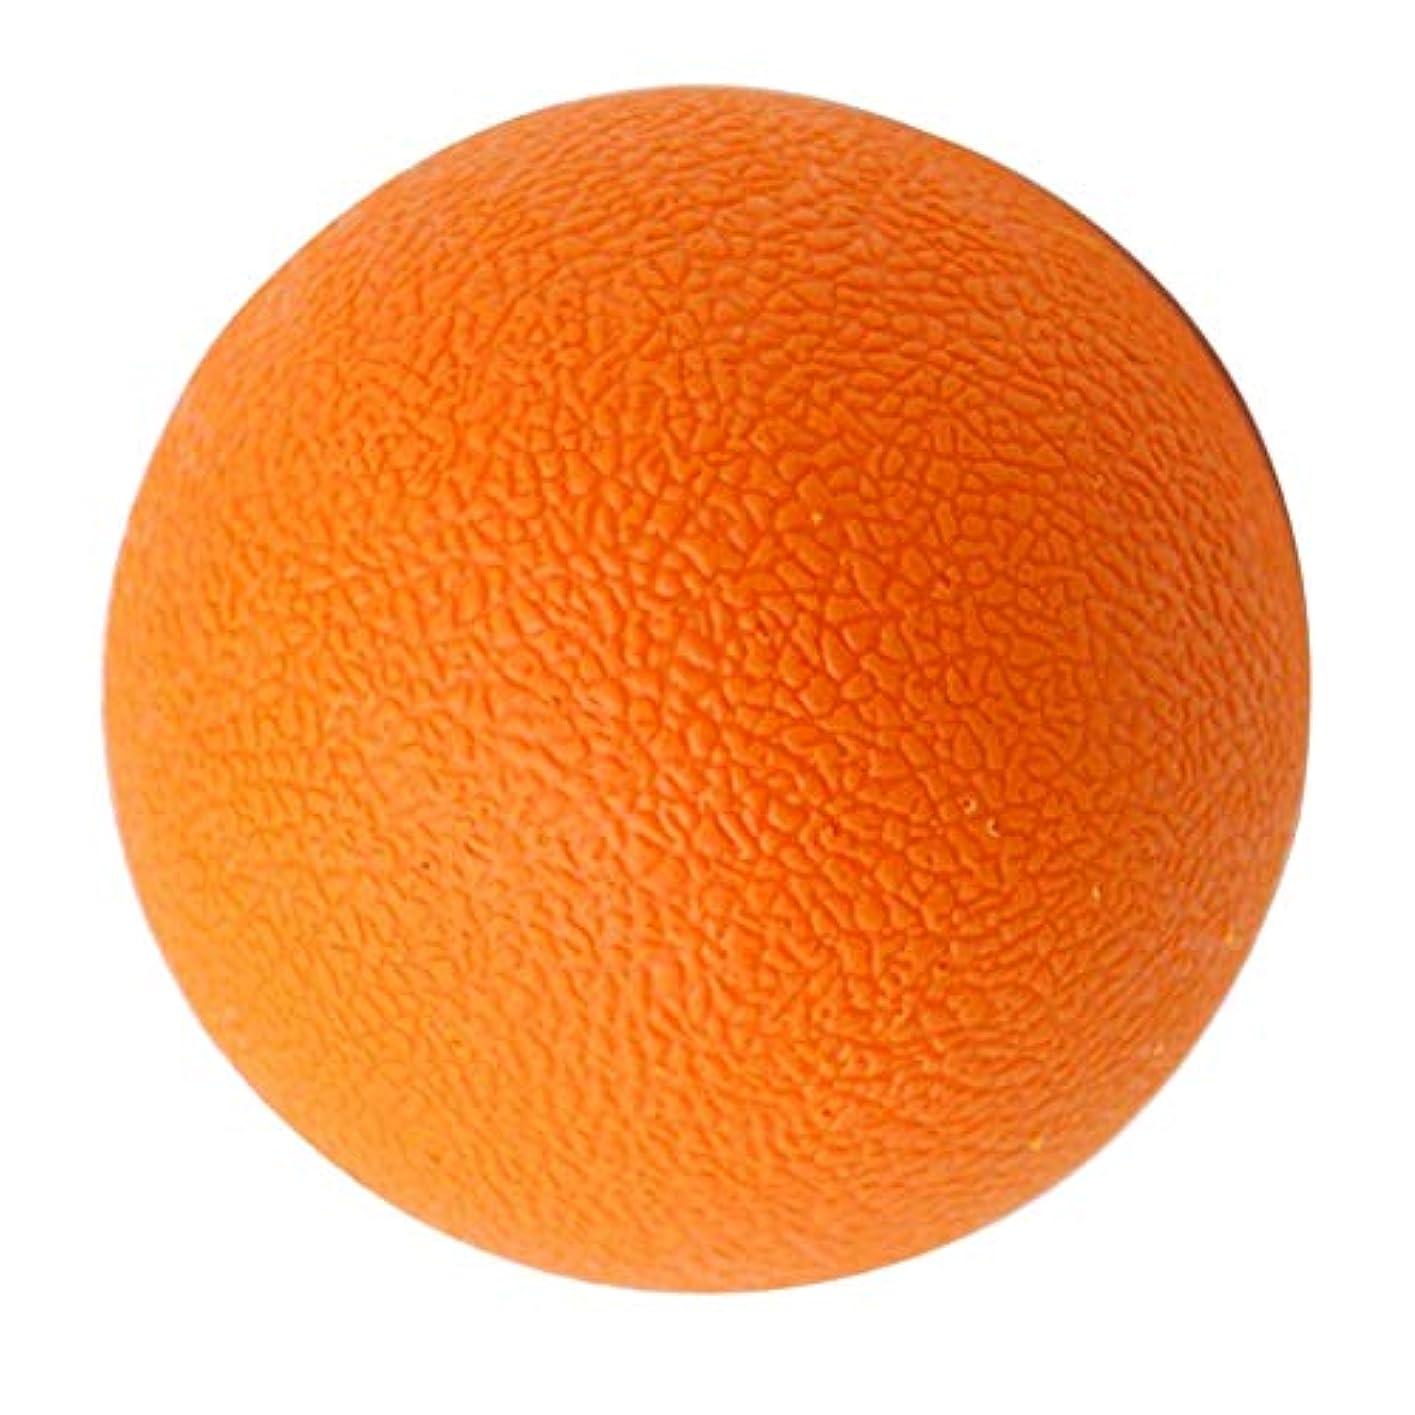 保存疑い者を通してCUTICATE ラクロスボール マッサージボール トリガーポイント 筋膜リリース 腕、首、背中 解消 オレンジ